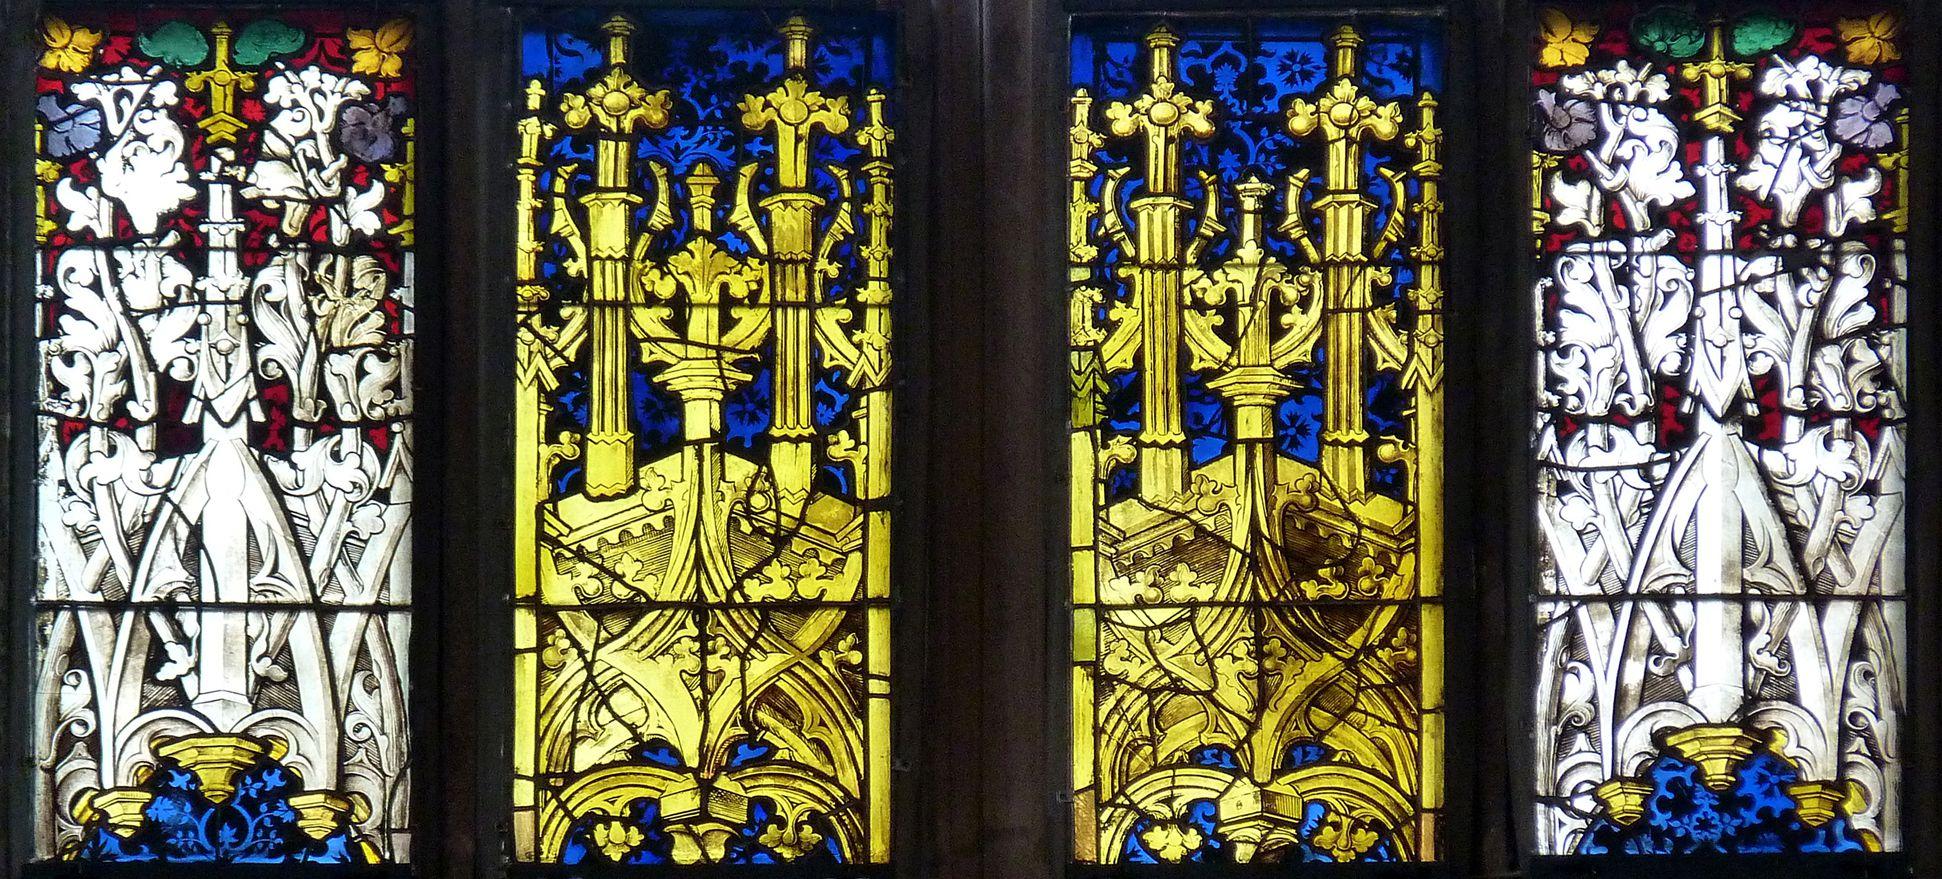 Bamberger Fenster vierte Fensterzeile von unten, Baldachine